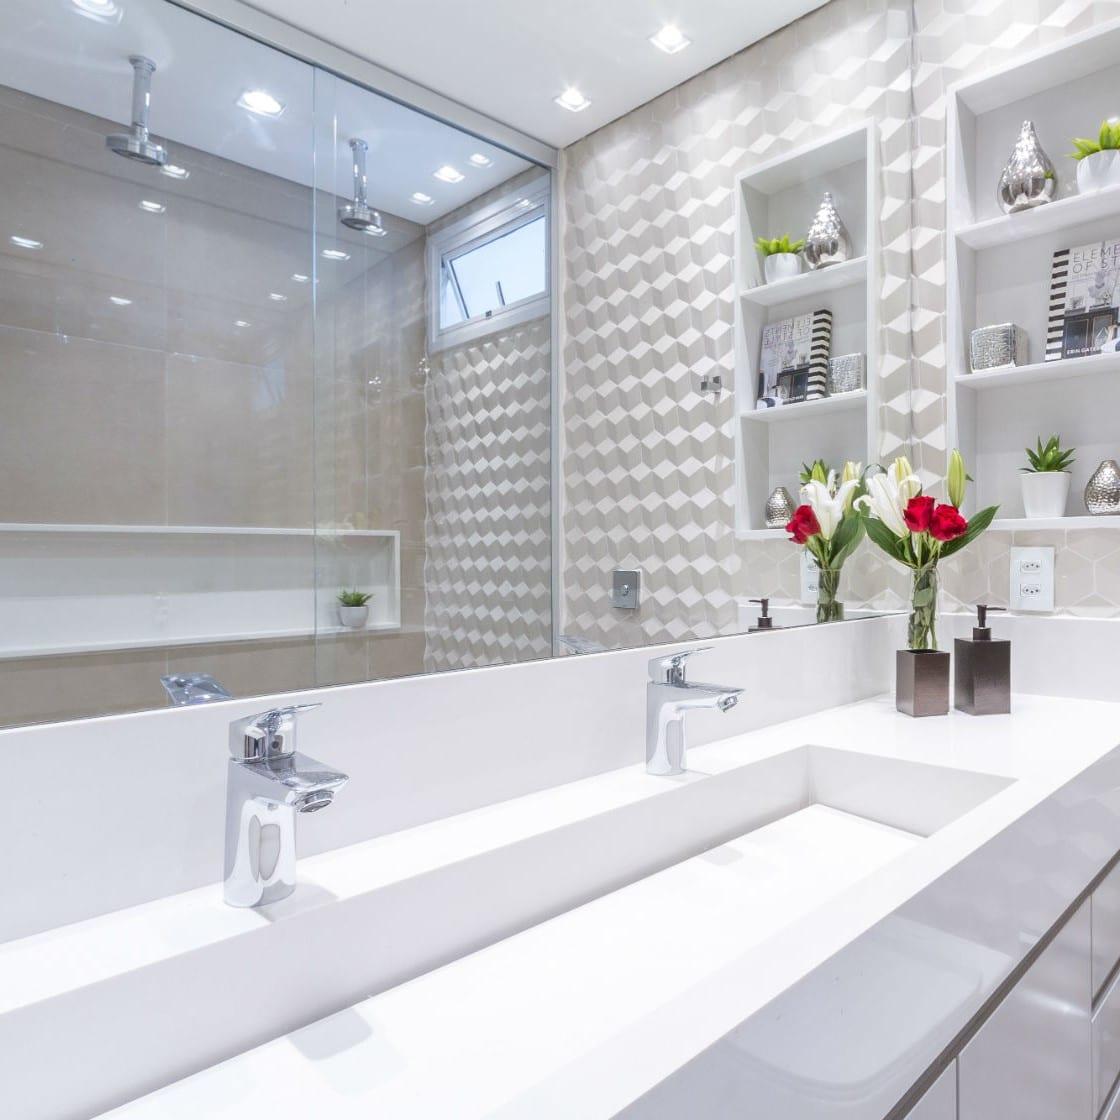 Decoração deixa banheiro mais charmoso e aconchegante